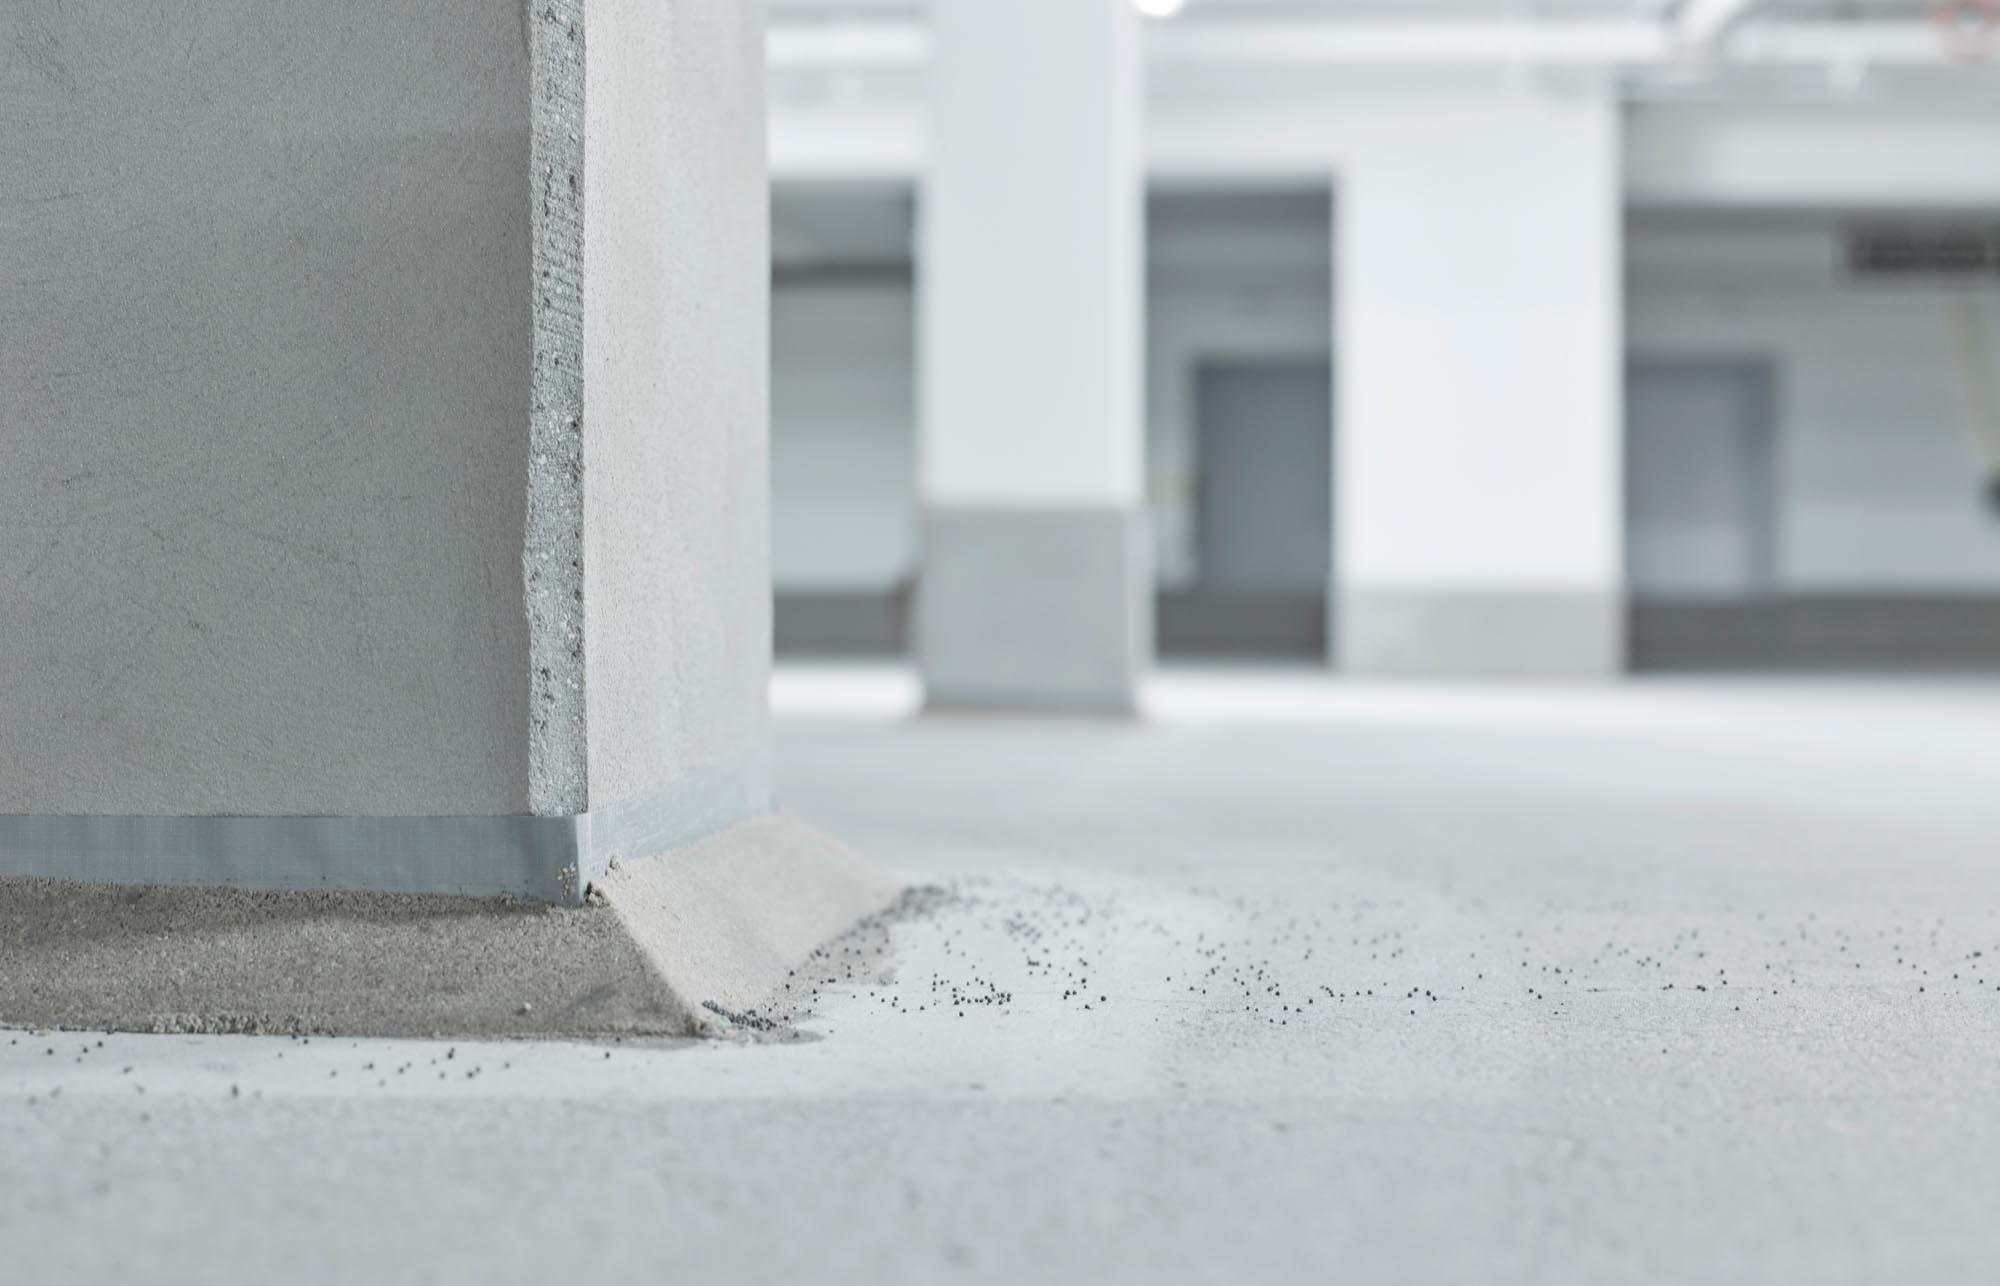 Bueze TG 13 11 1618636 - Ingenieurbüro Zimbelmann: Fotografie vor der Instandsetzung einer Tiefgarage